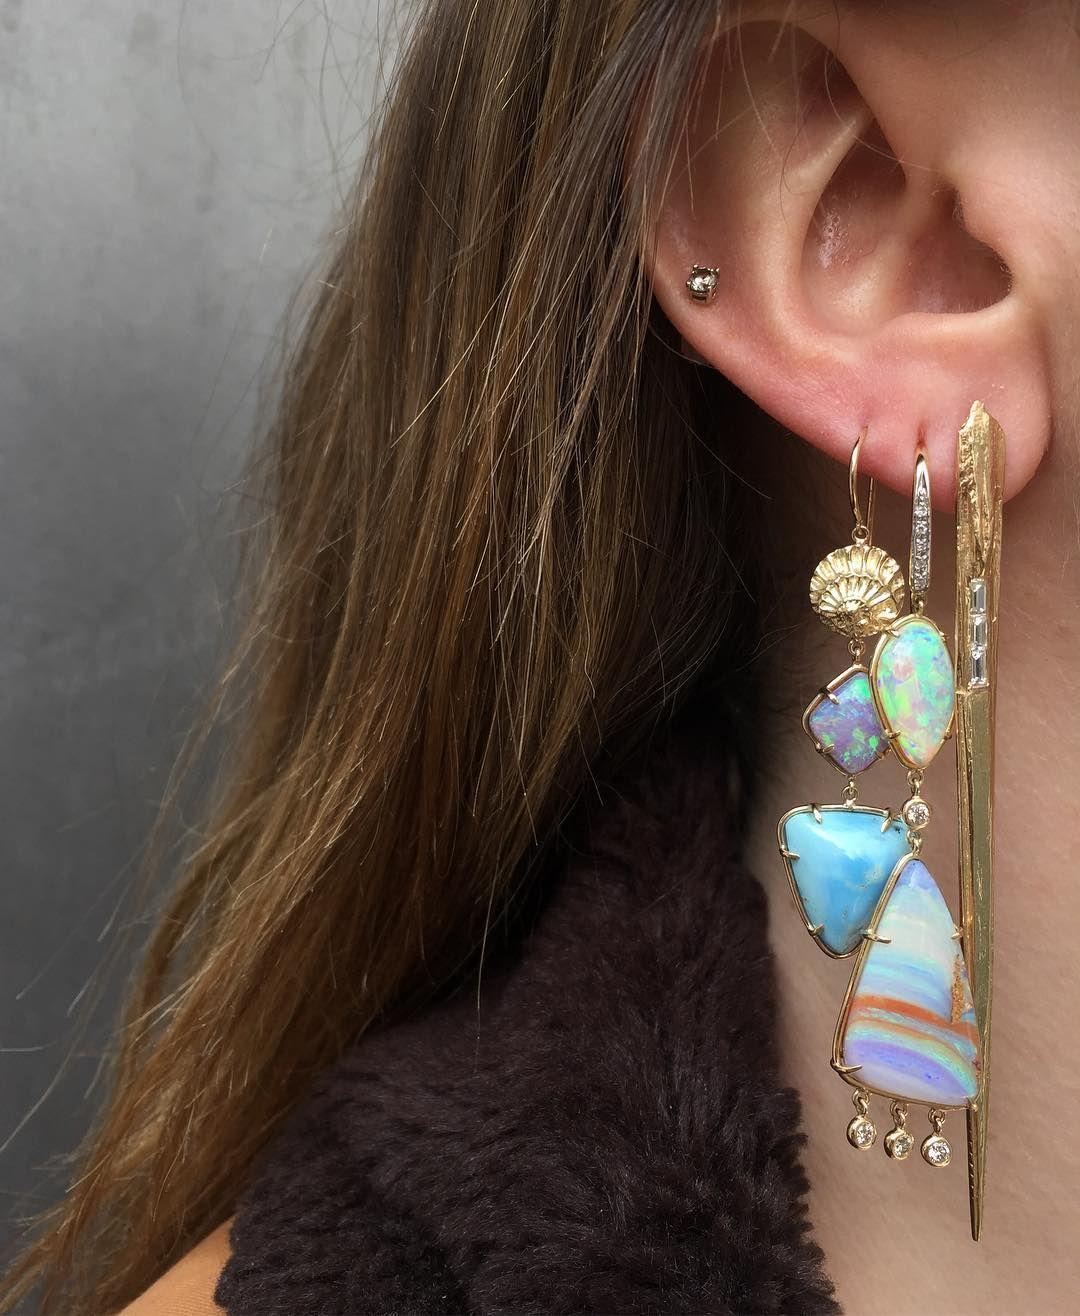 2nd ear piercing ideas   Likes  Comments  ROSEARK roseark on Instagram ucHo